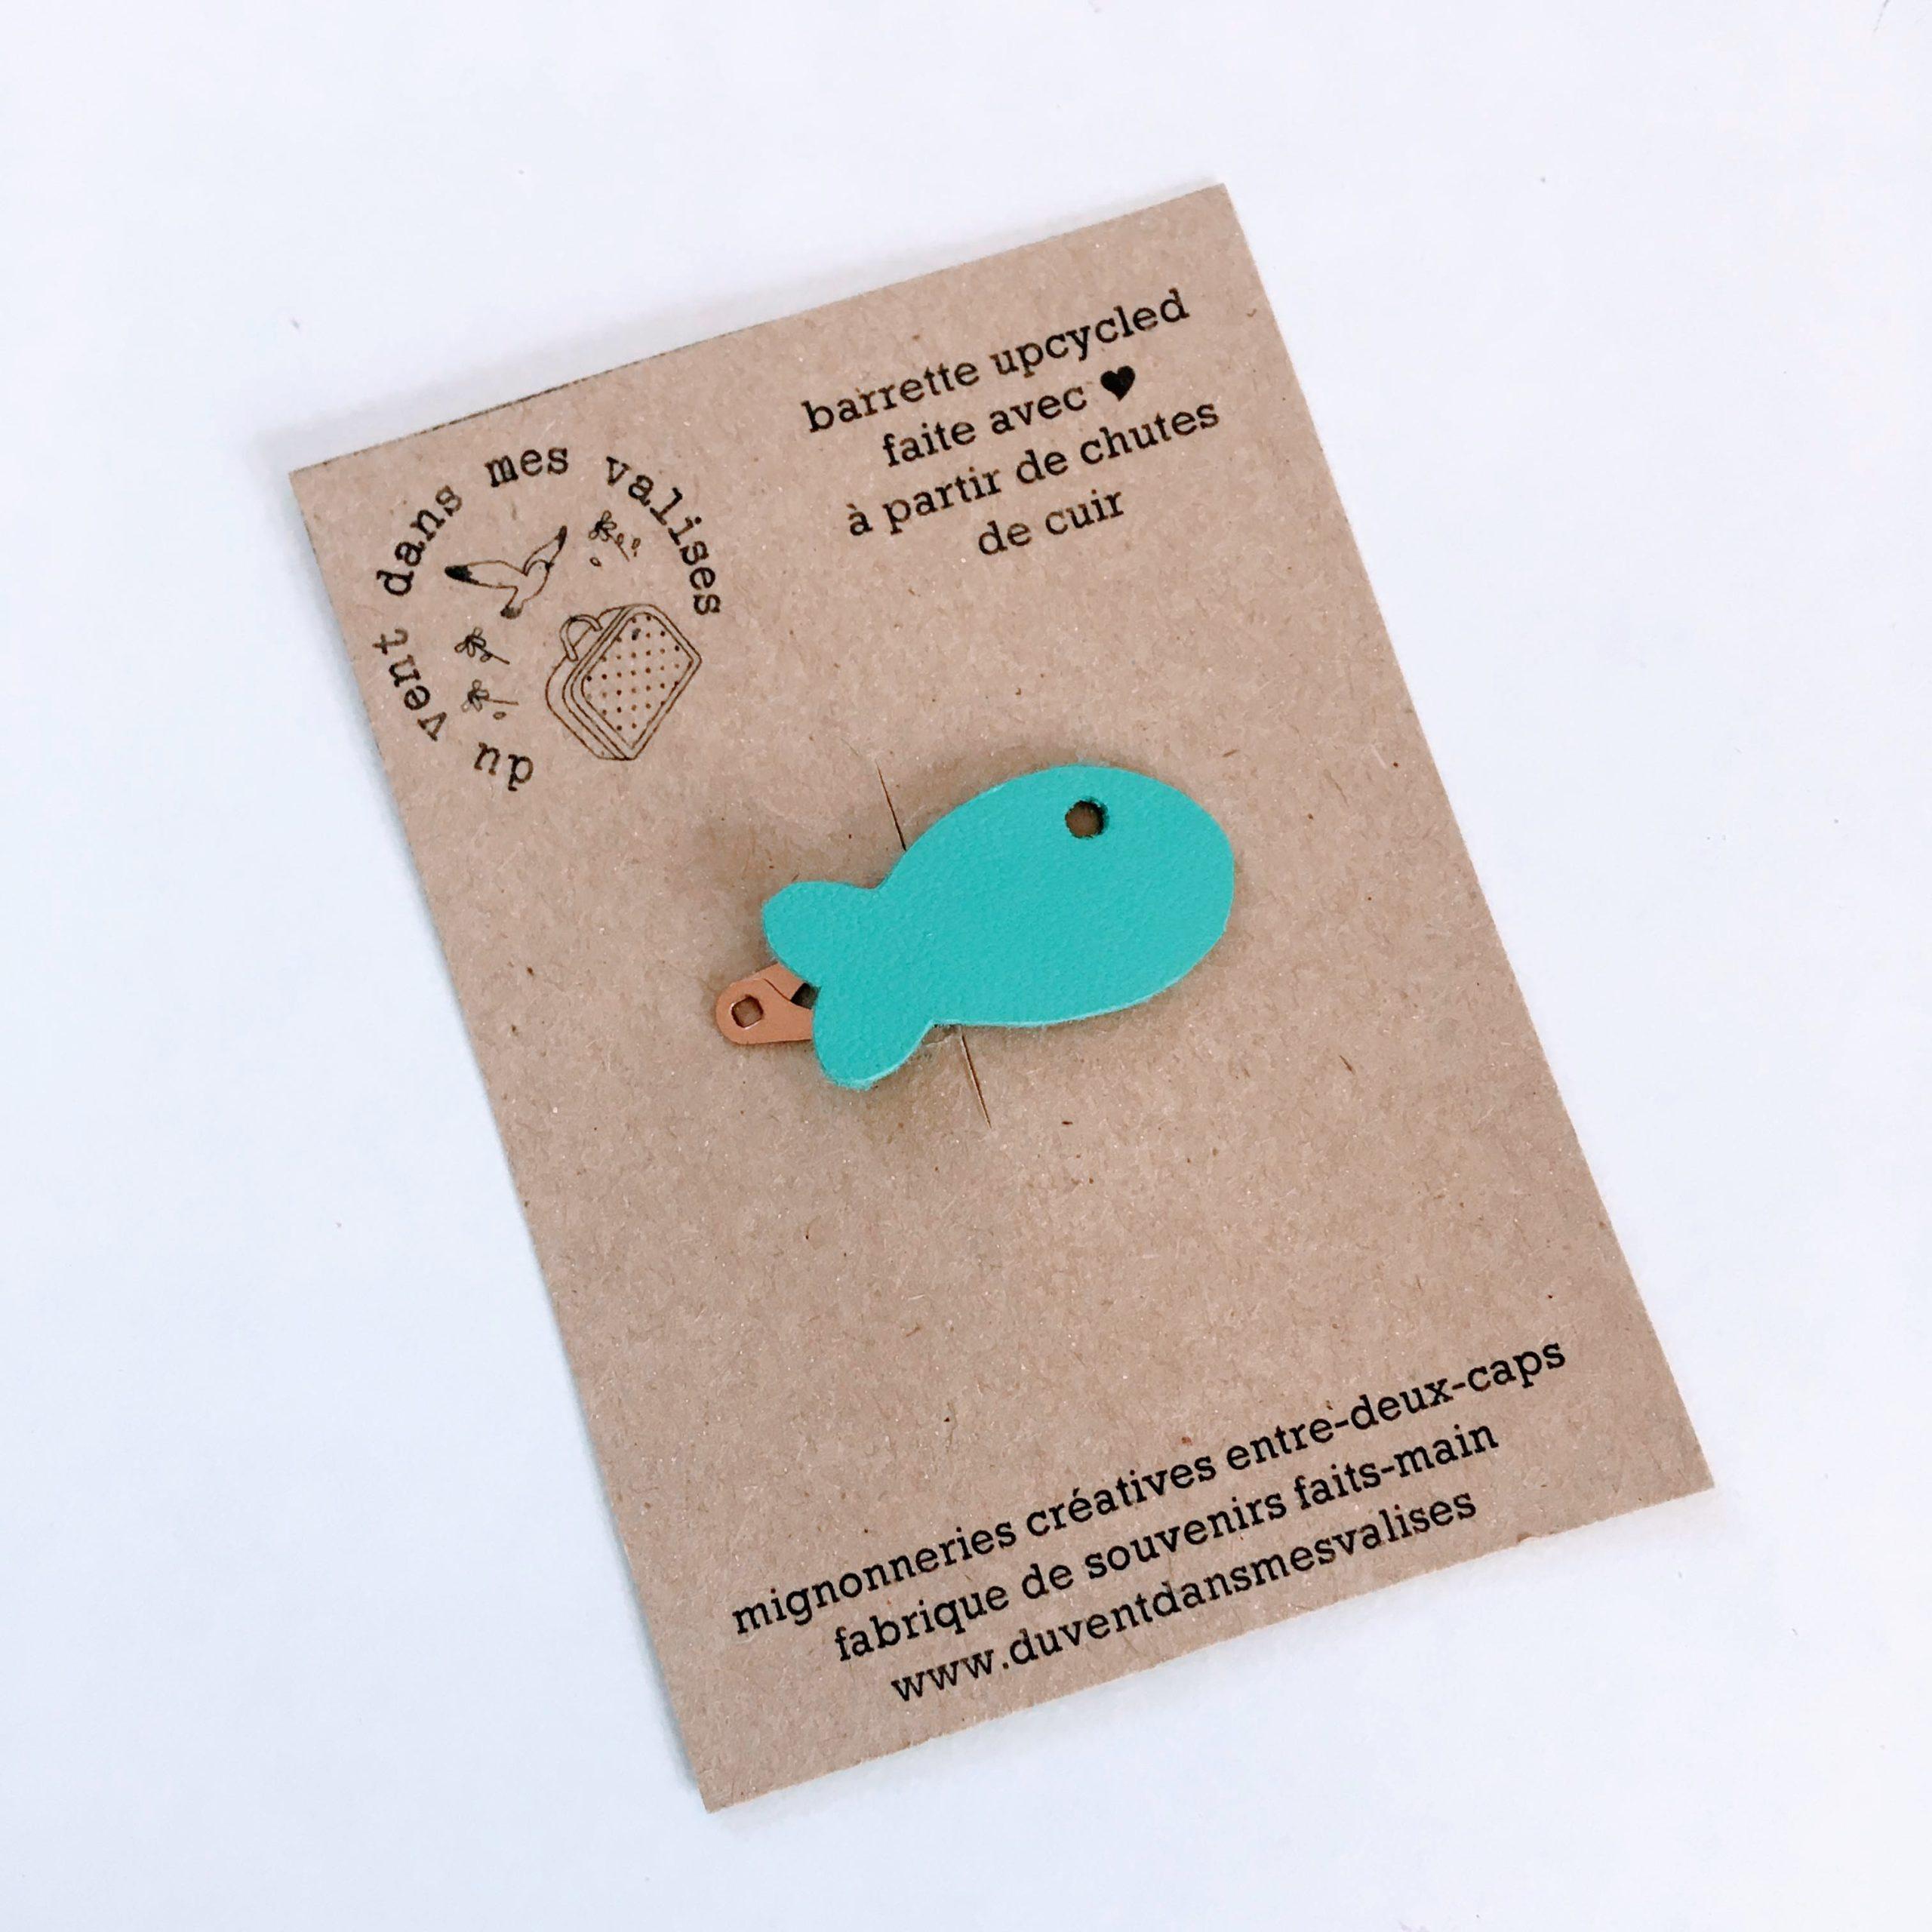 du vent dans mes valises - barrette poisson bleu cuir made in France